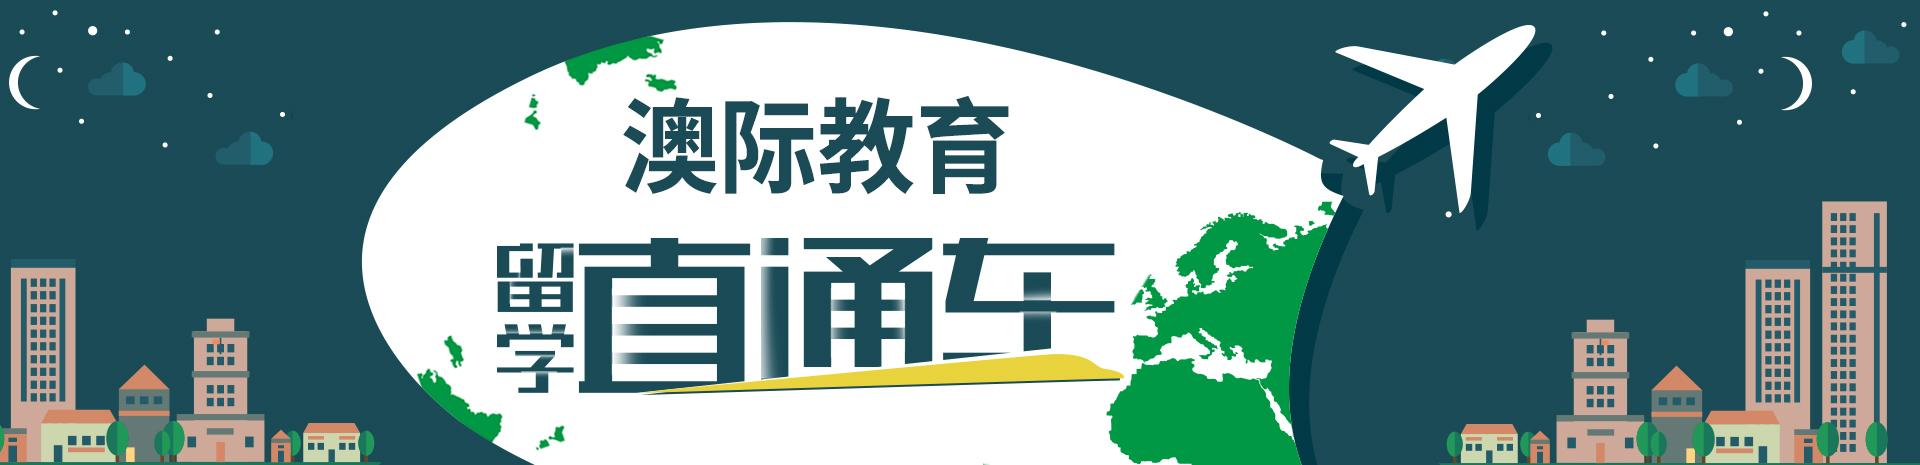 南京澳际教育